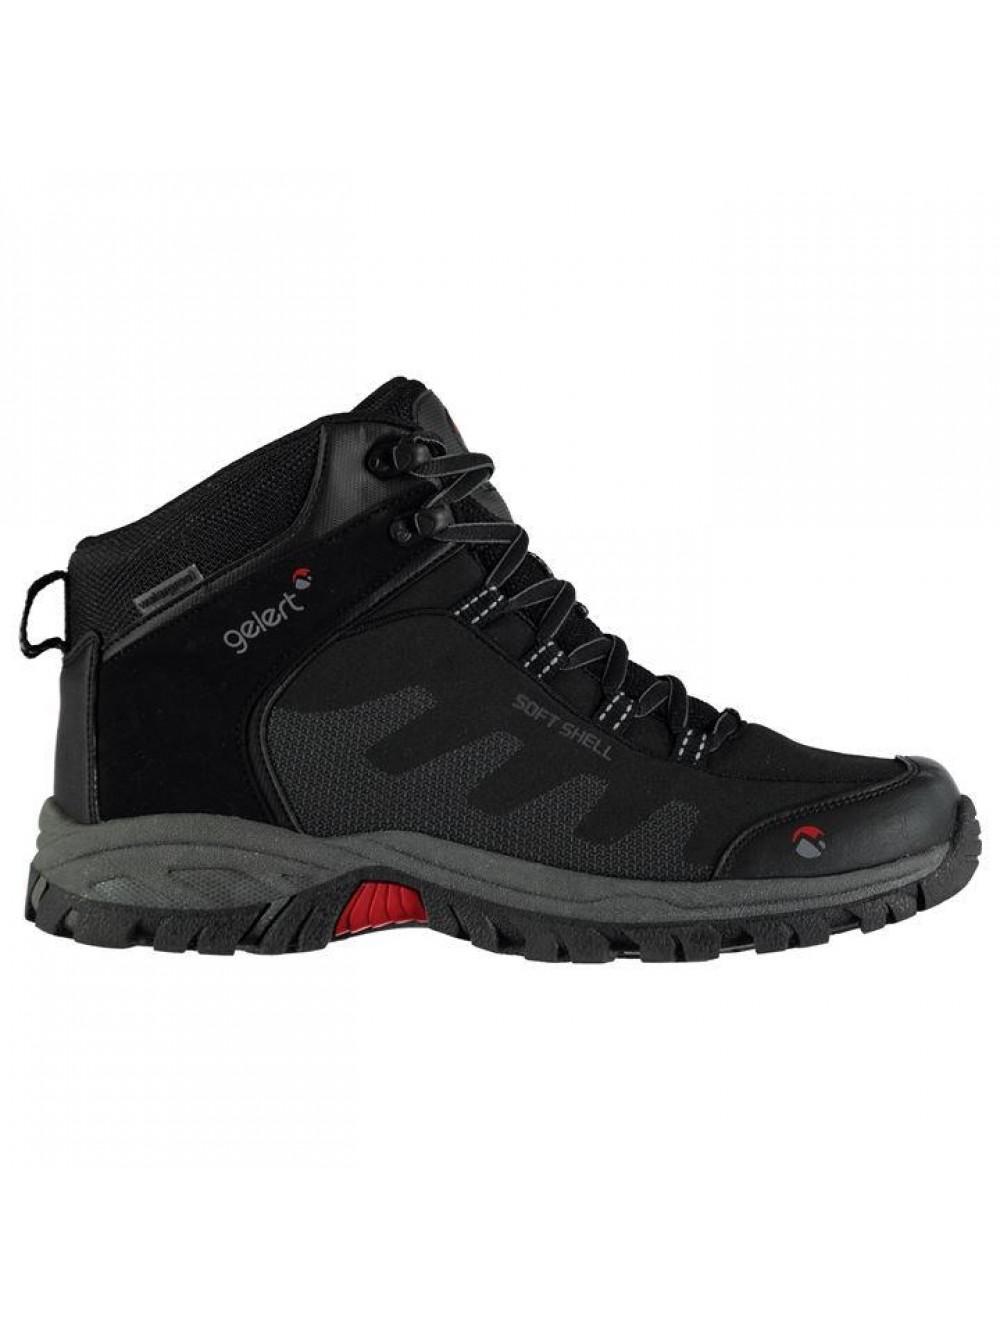 633a24fe7feba3 Трекінгове взуття купити - Взуття для походів в гори - Замовити Київ ...